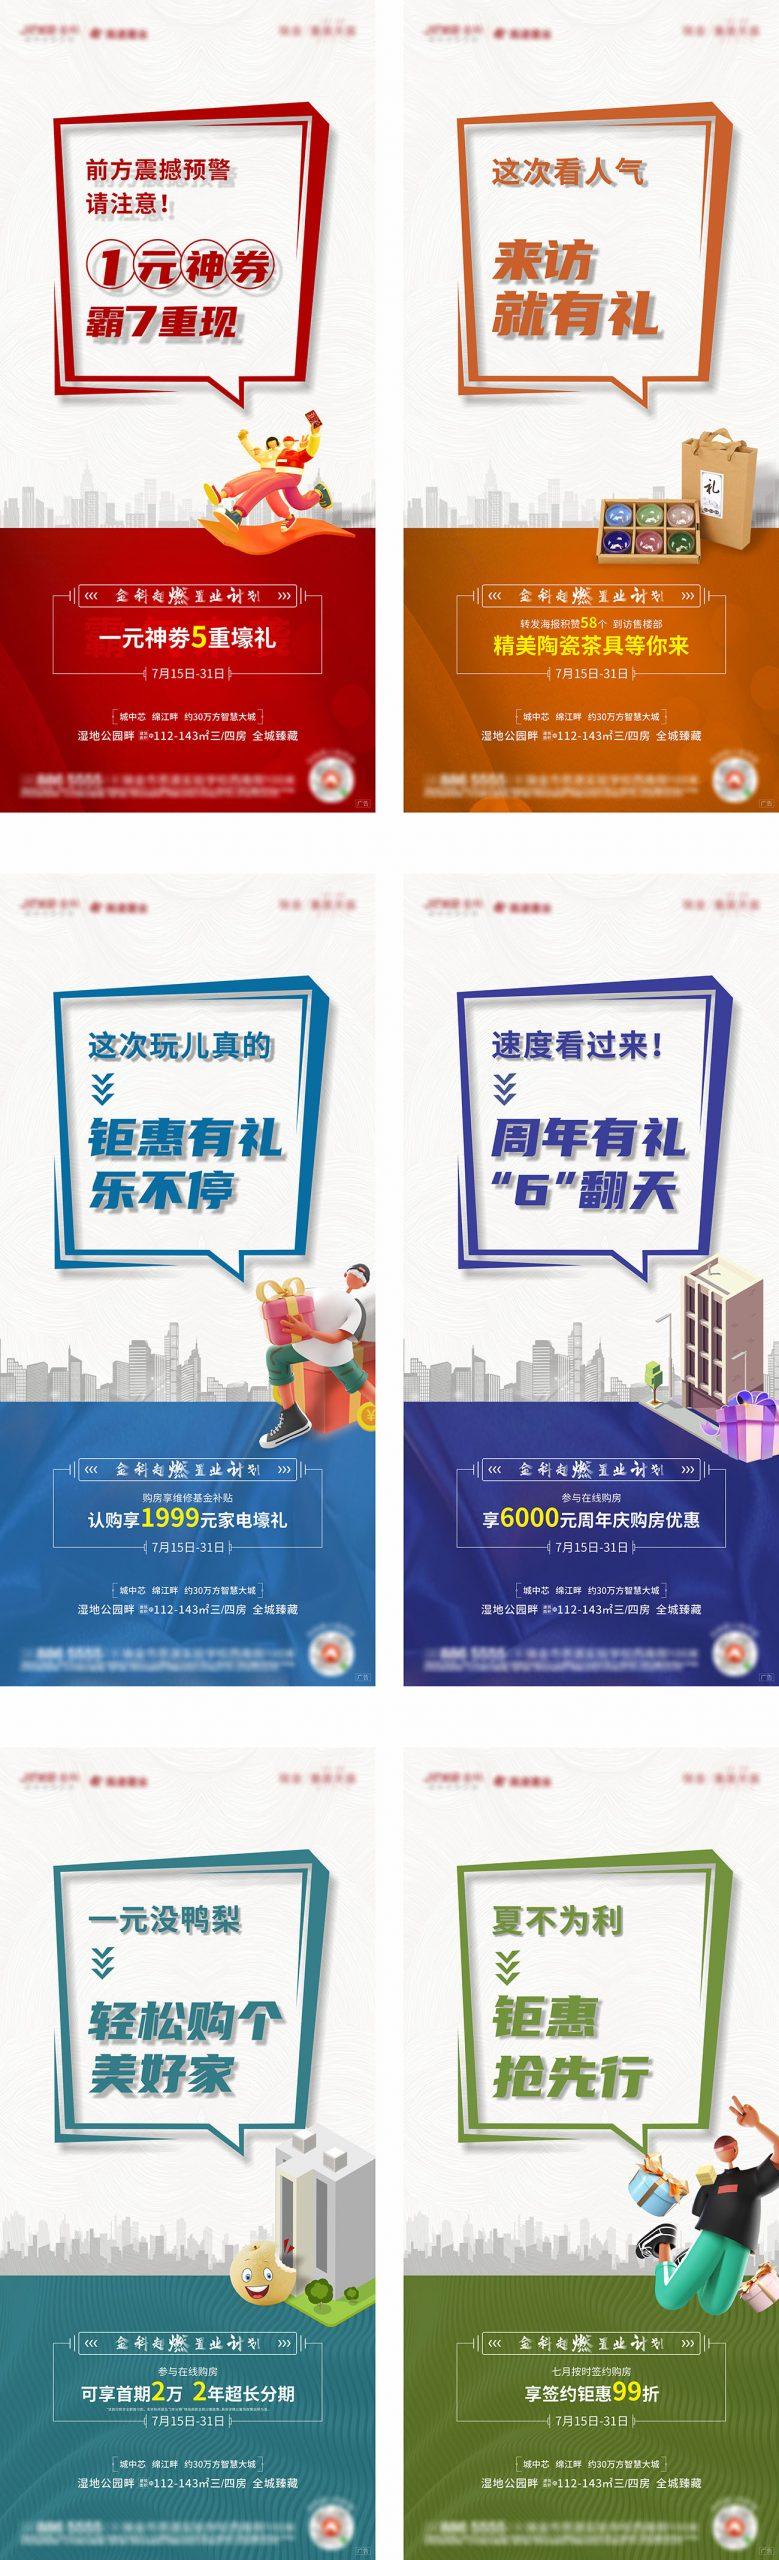 地产活动系列海报CDR源文件插图